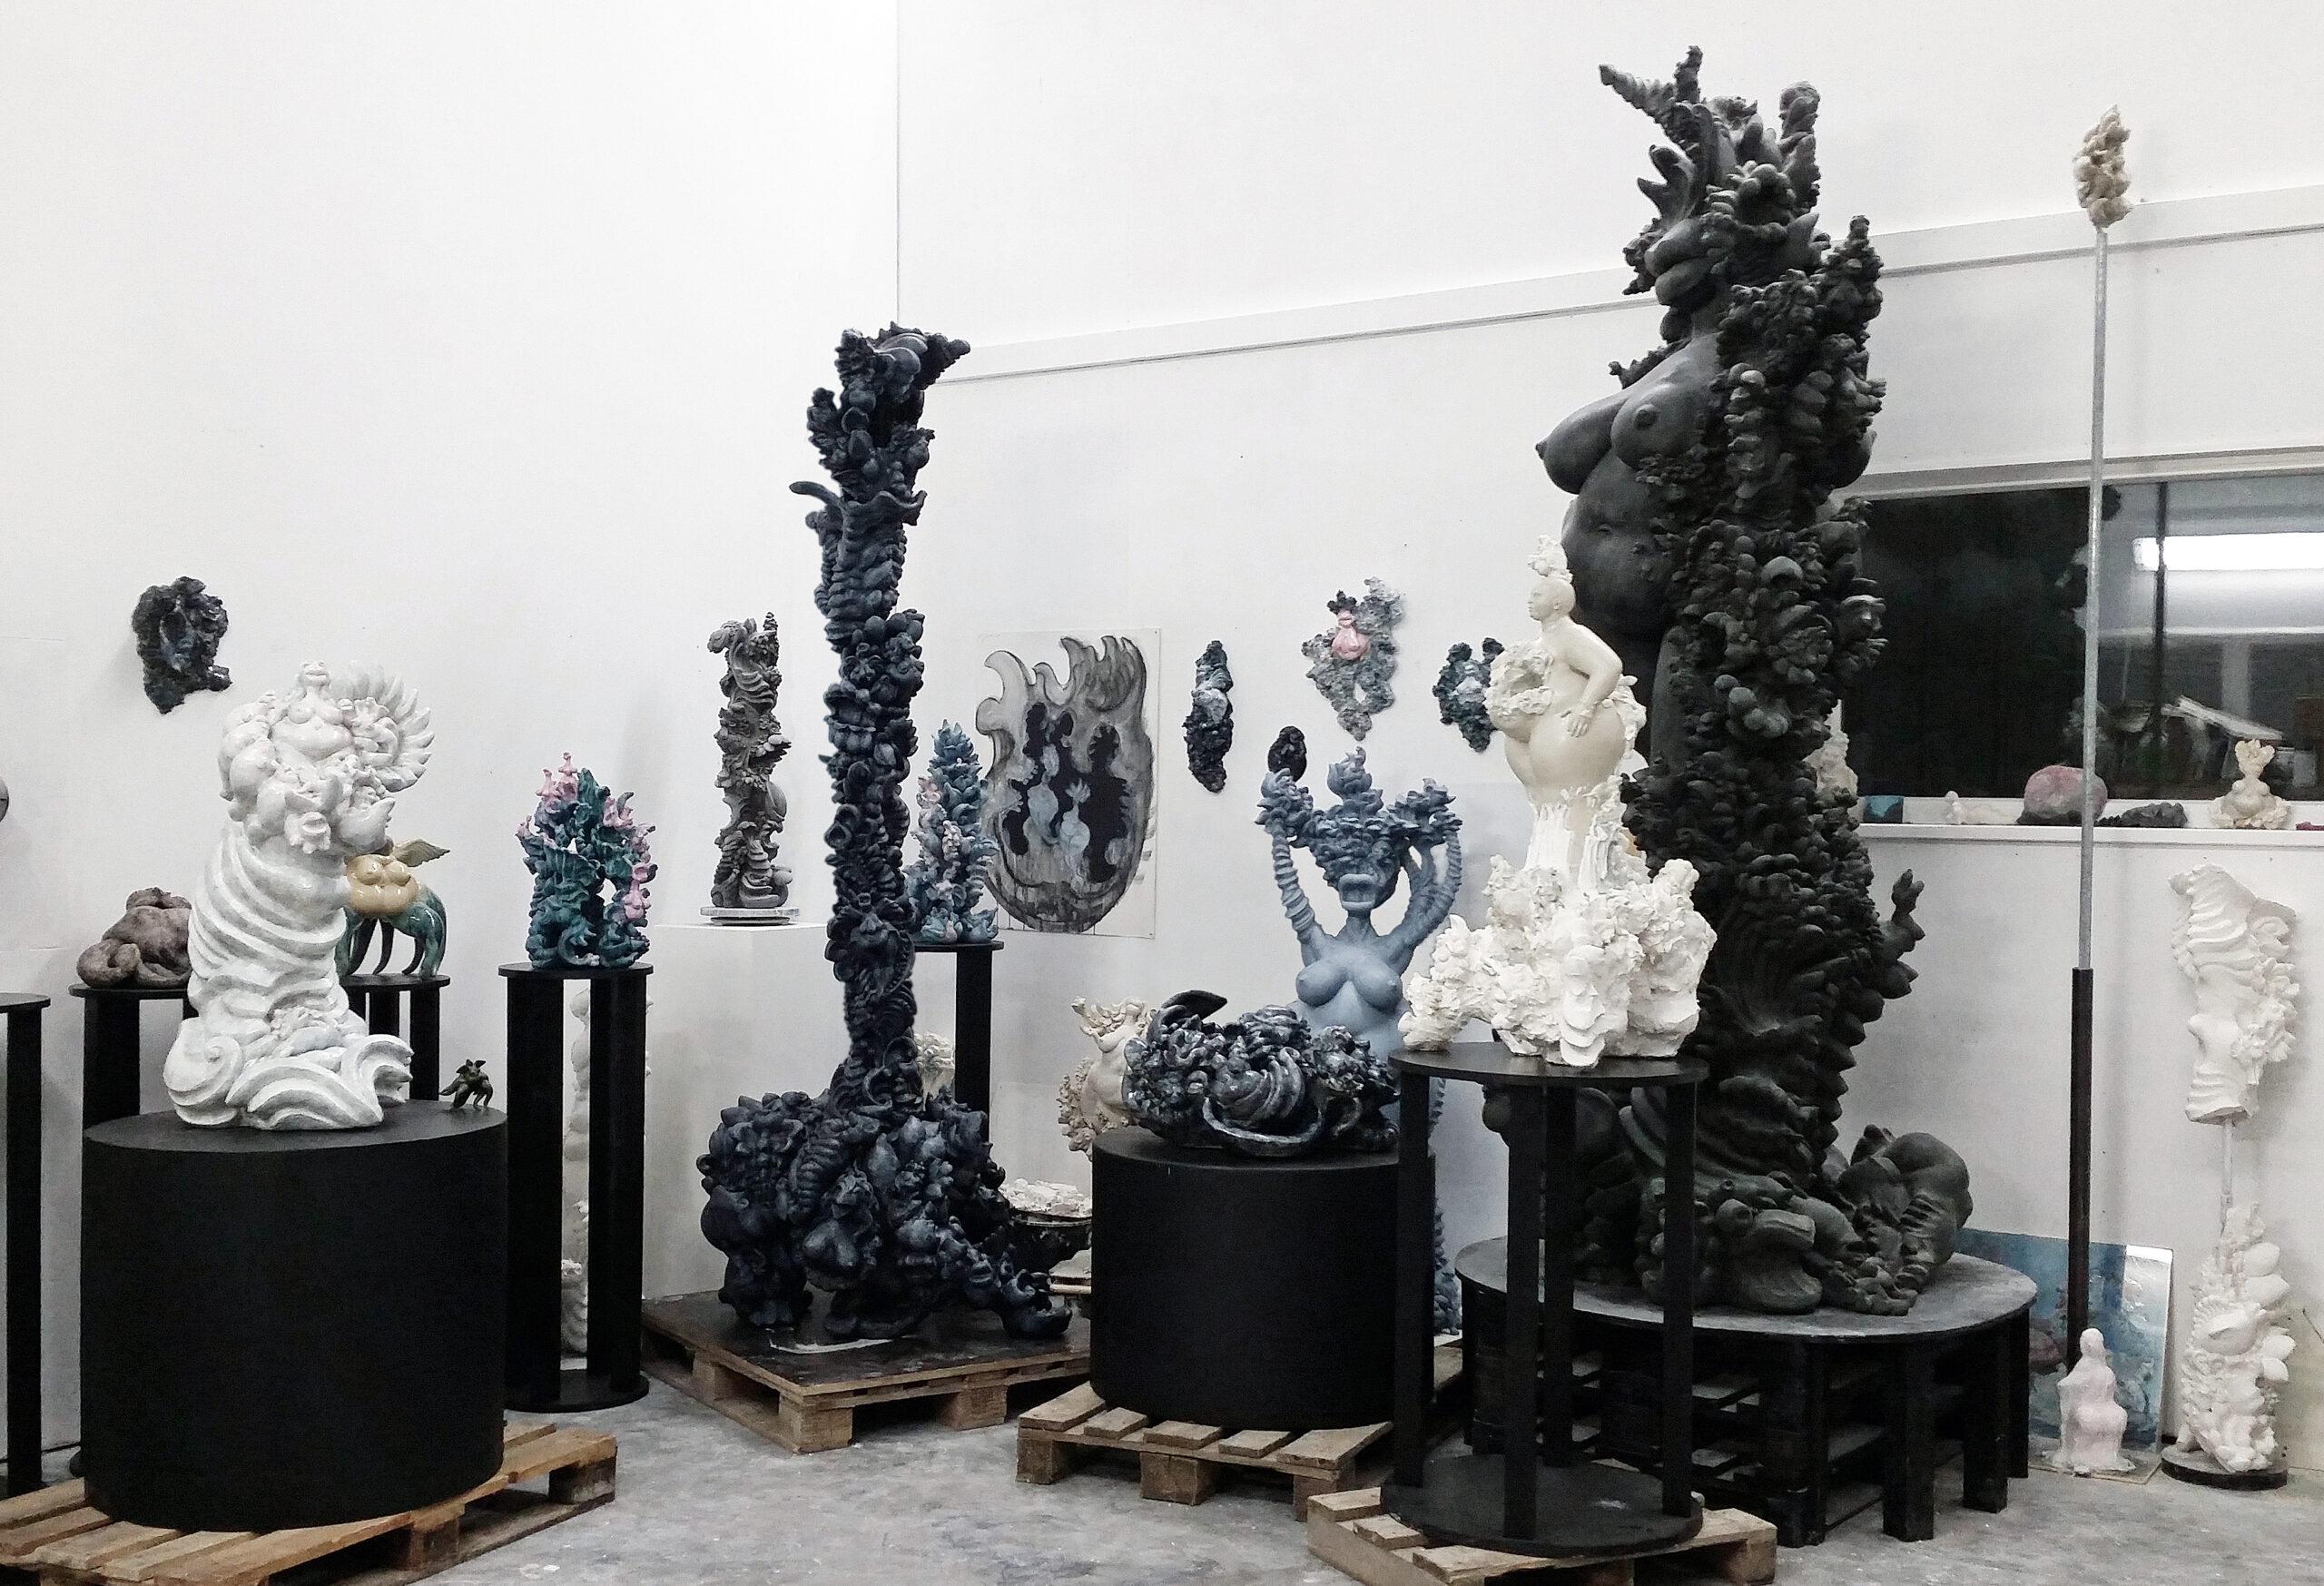 miriam lenk studio gesamtansicht mit skulpturen janusfee, göttin, die zweite säule bronze, epoxidharz, keramik